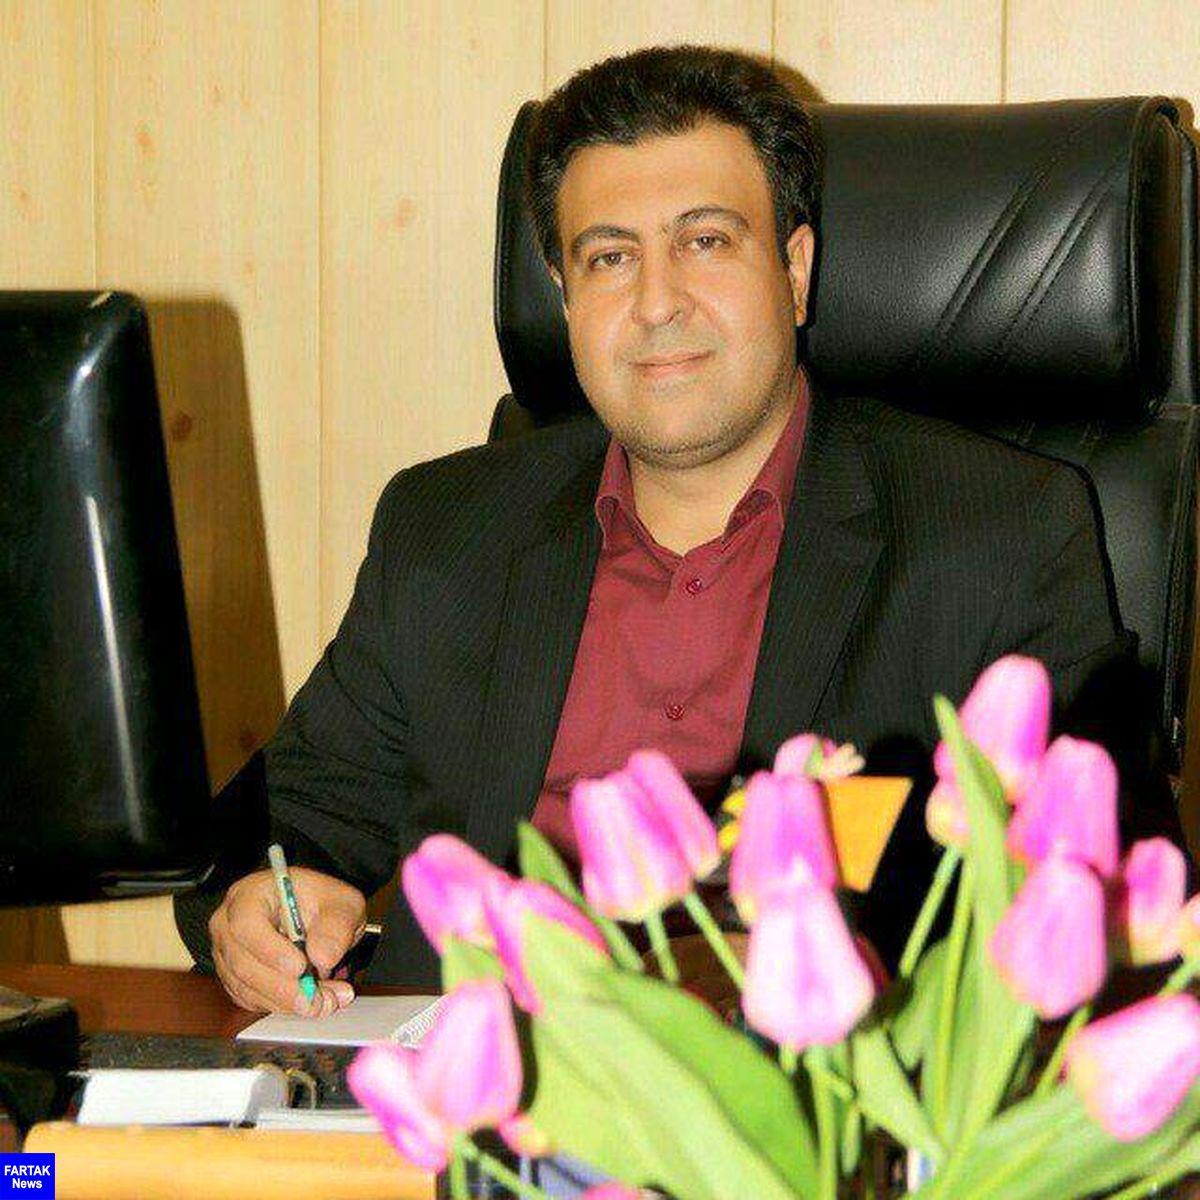 کاهش سه پله ای نرخ تورم در استان کرمانشاه درپایان آبان ماه ۹۸